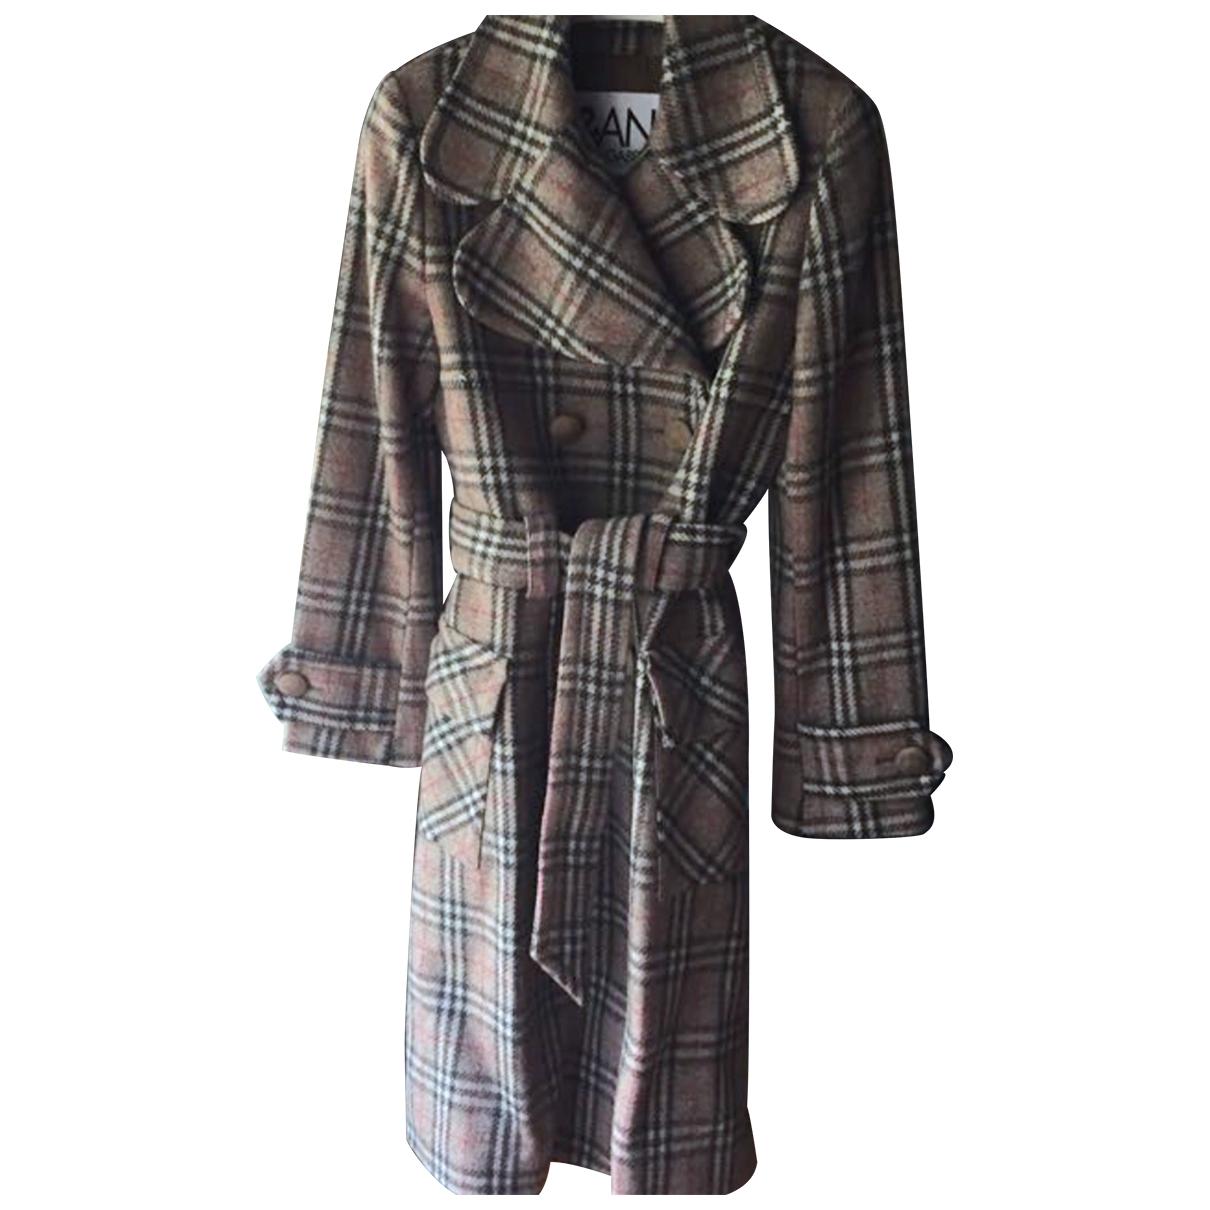 Dolce & Gabbana \N Beige Wool coat for Women S International